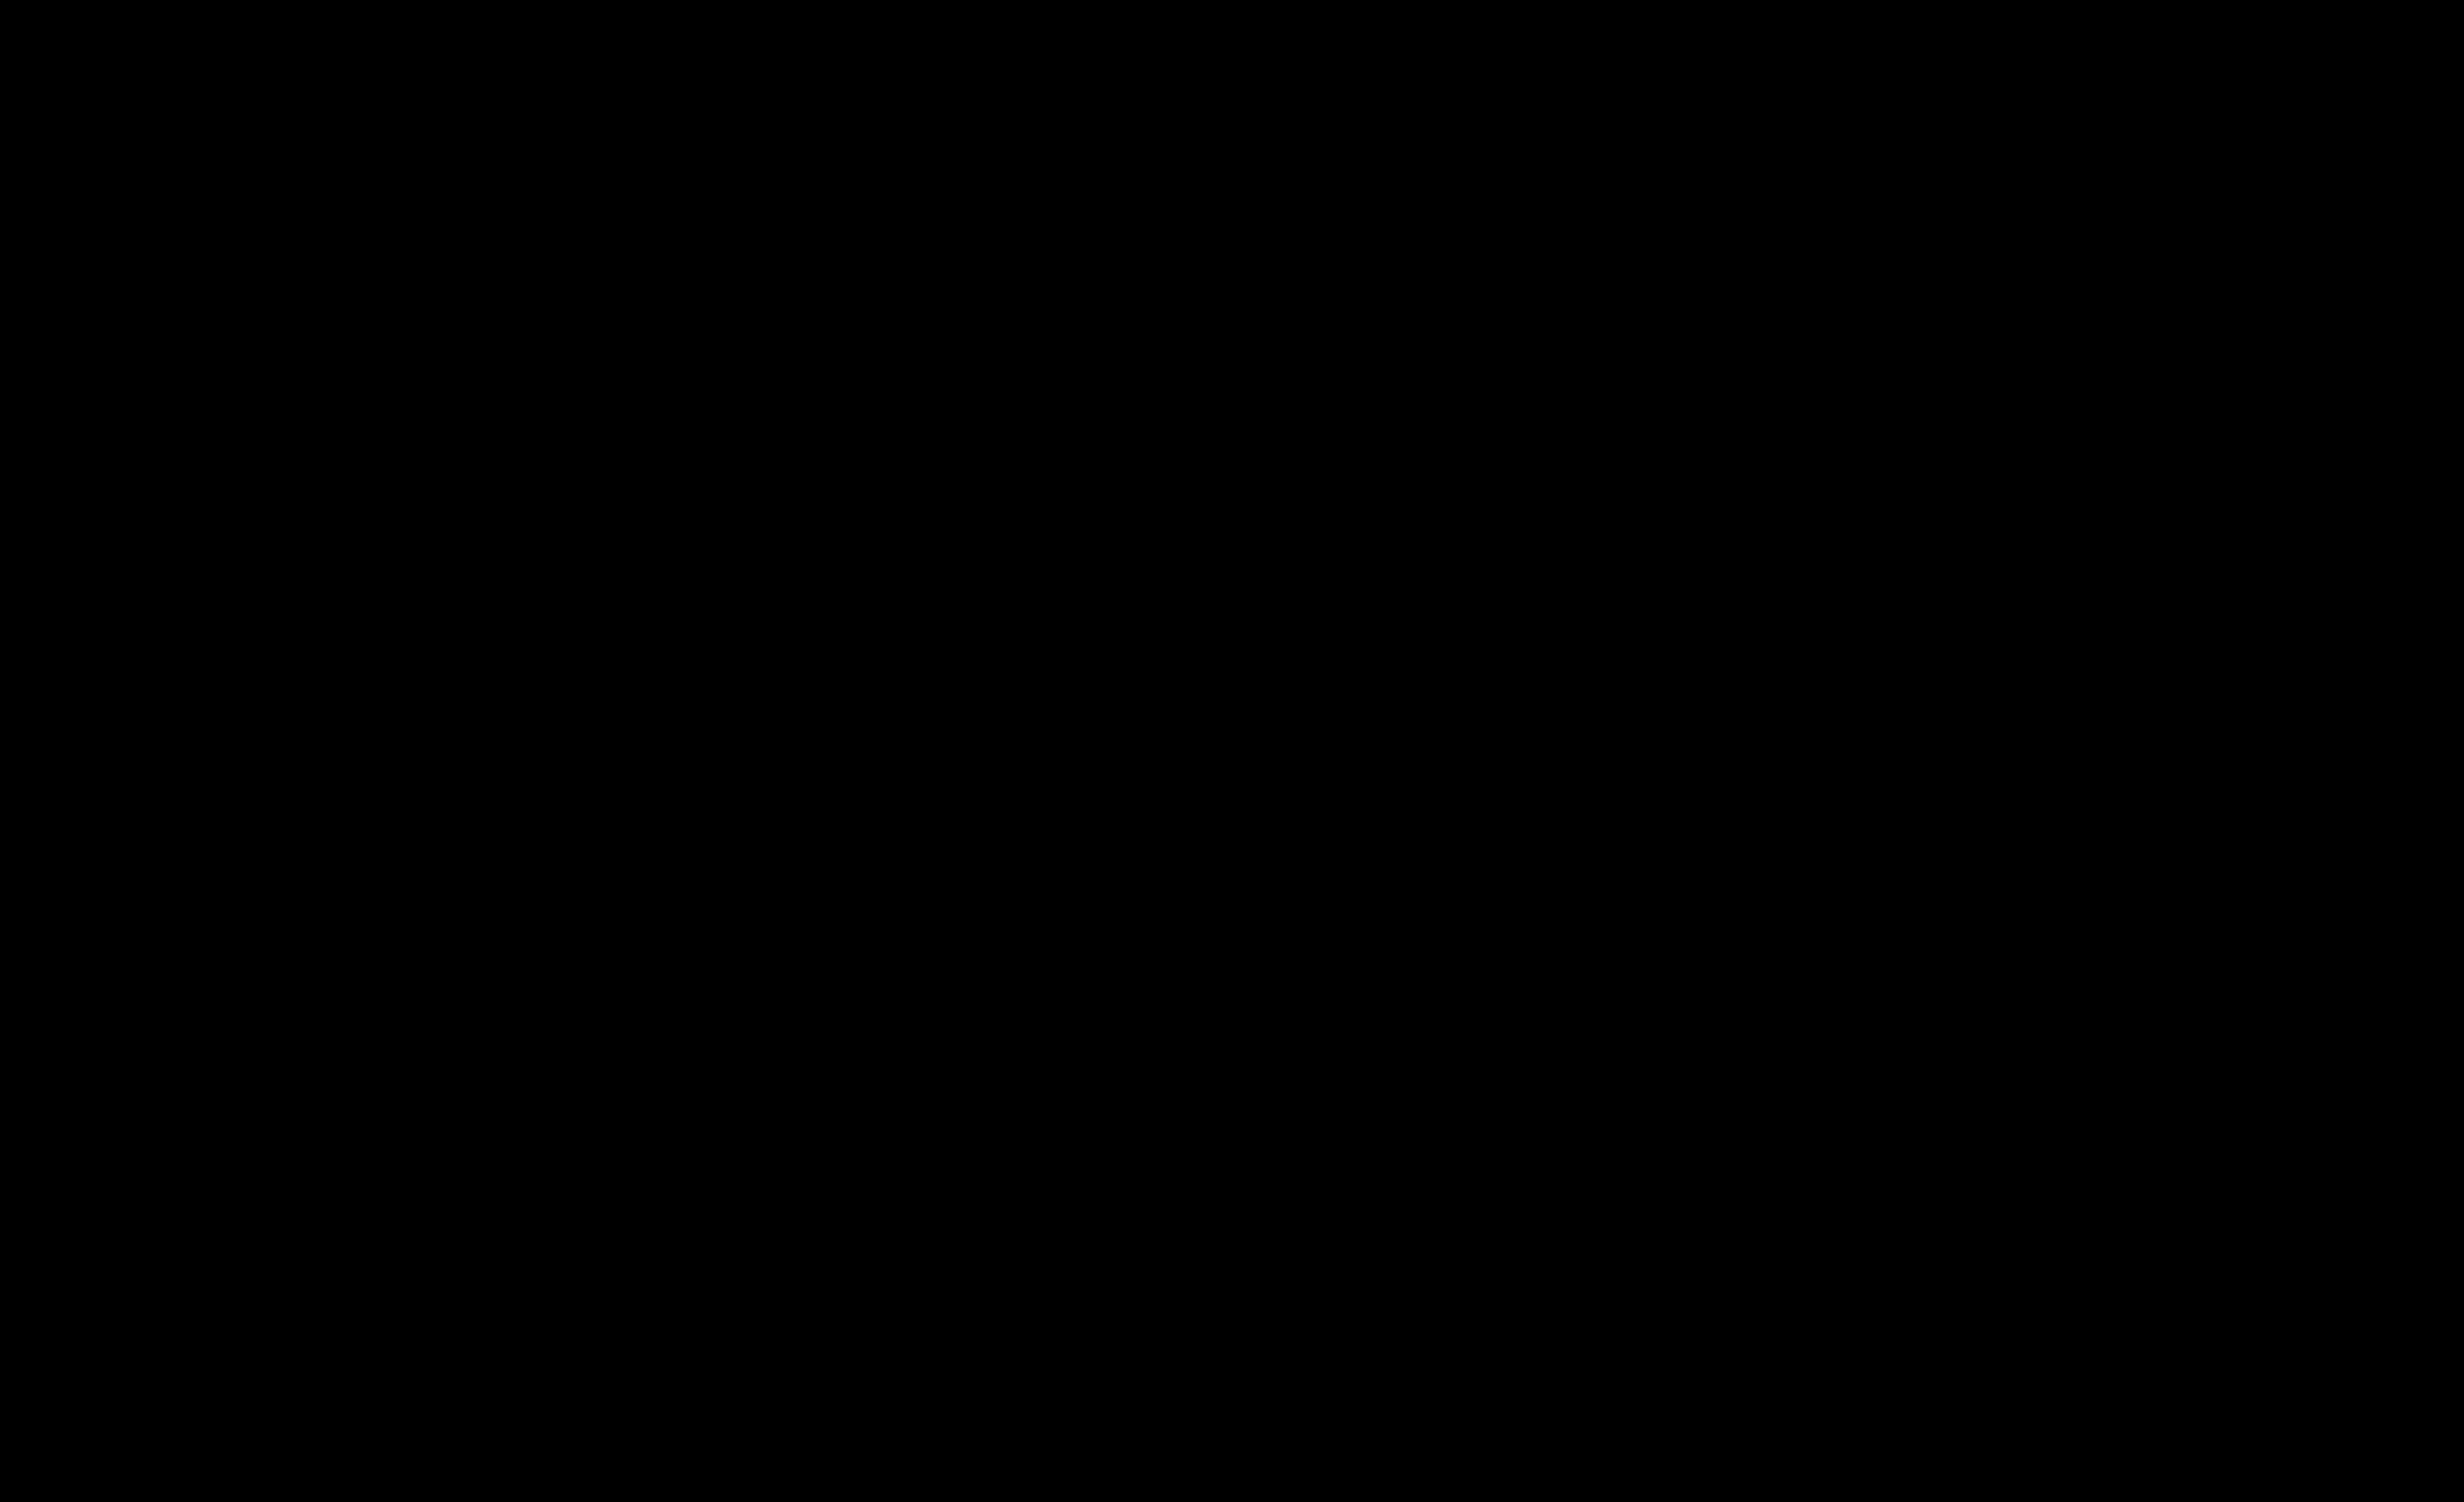 Riffchorusriff's Signature